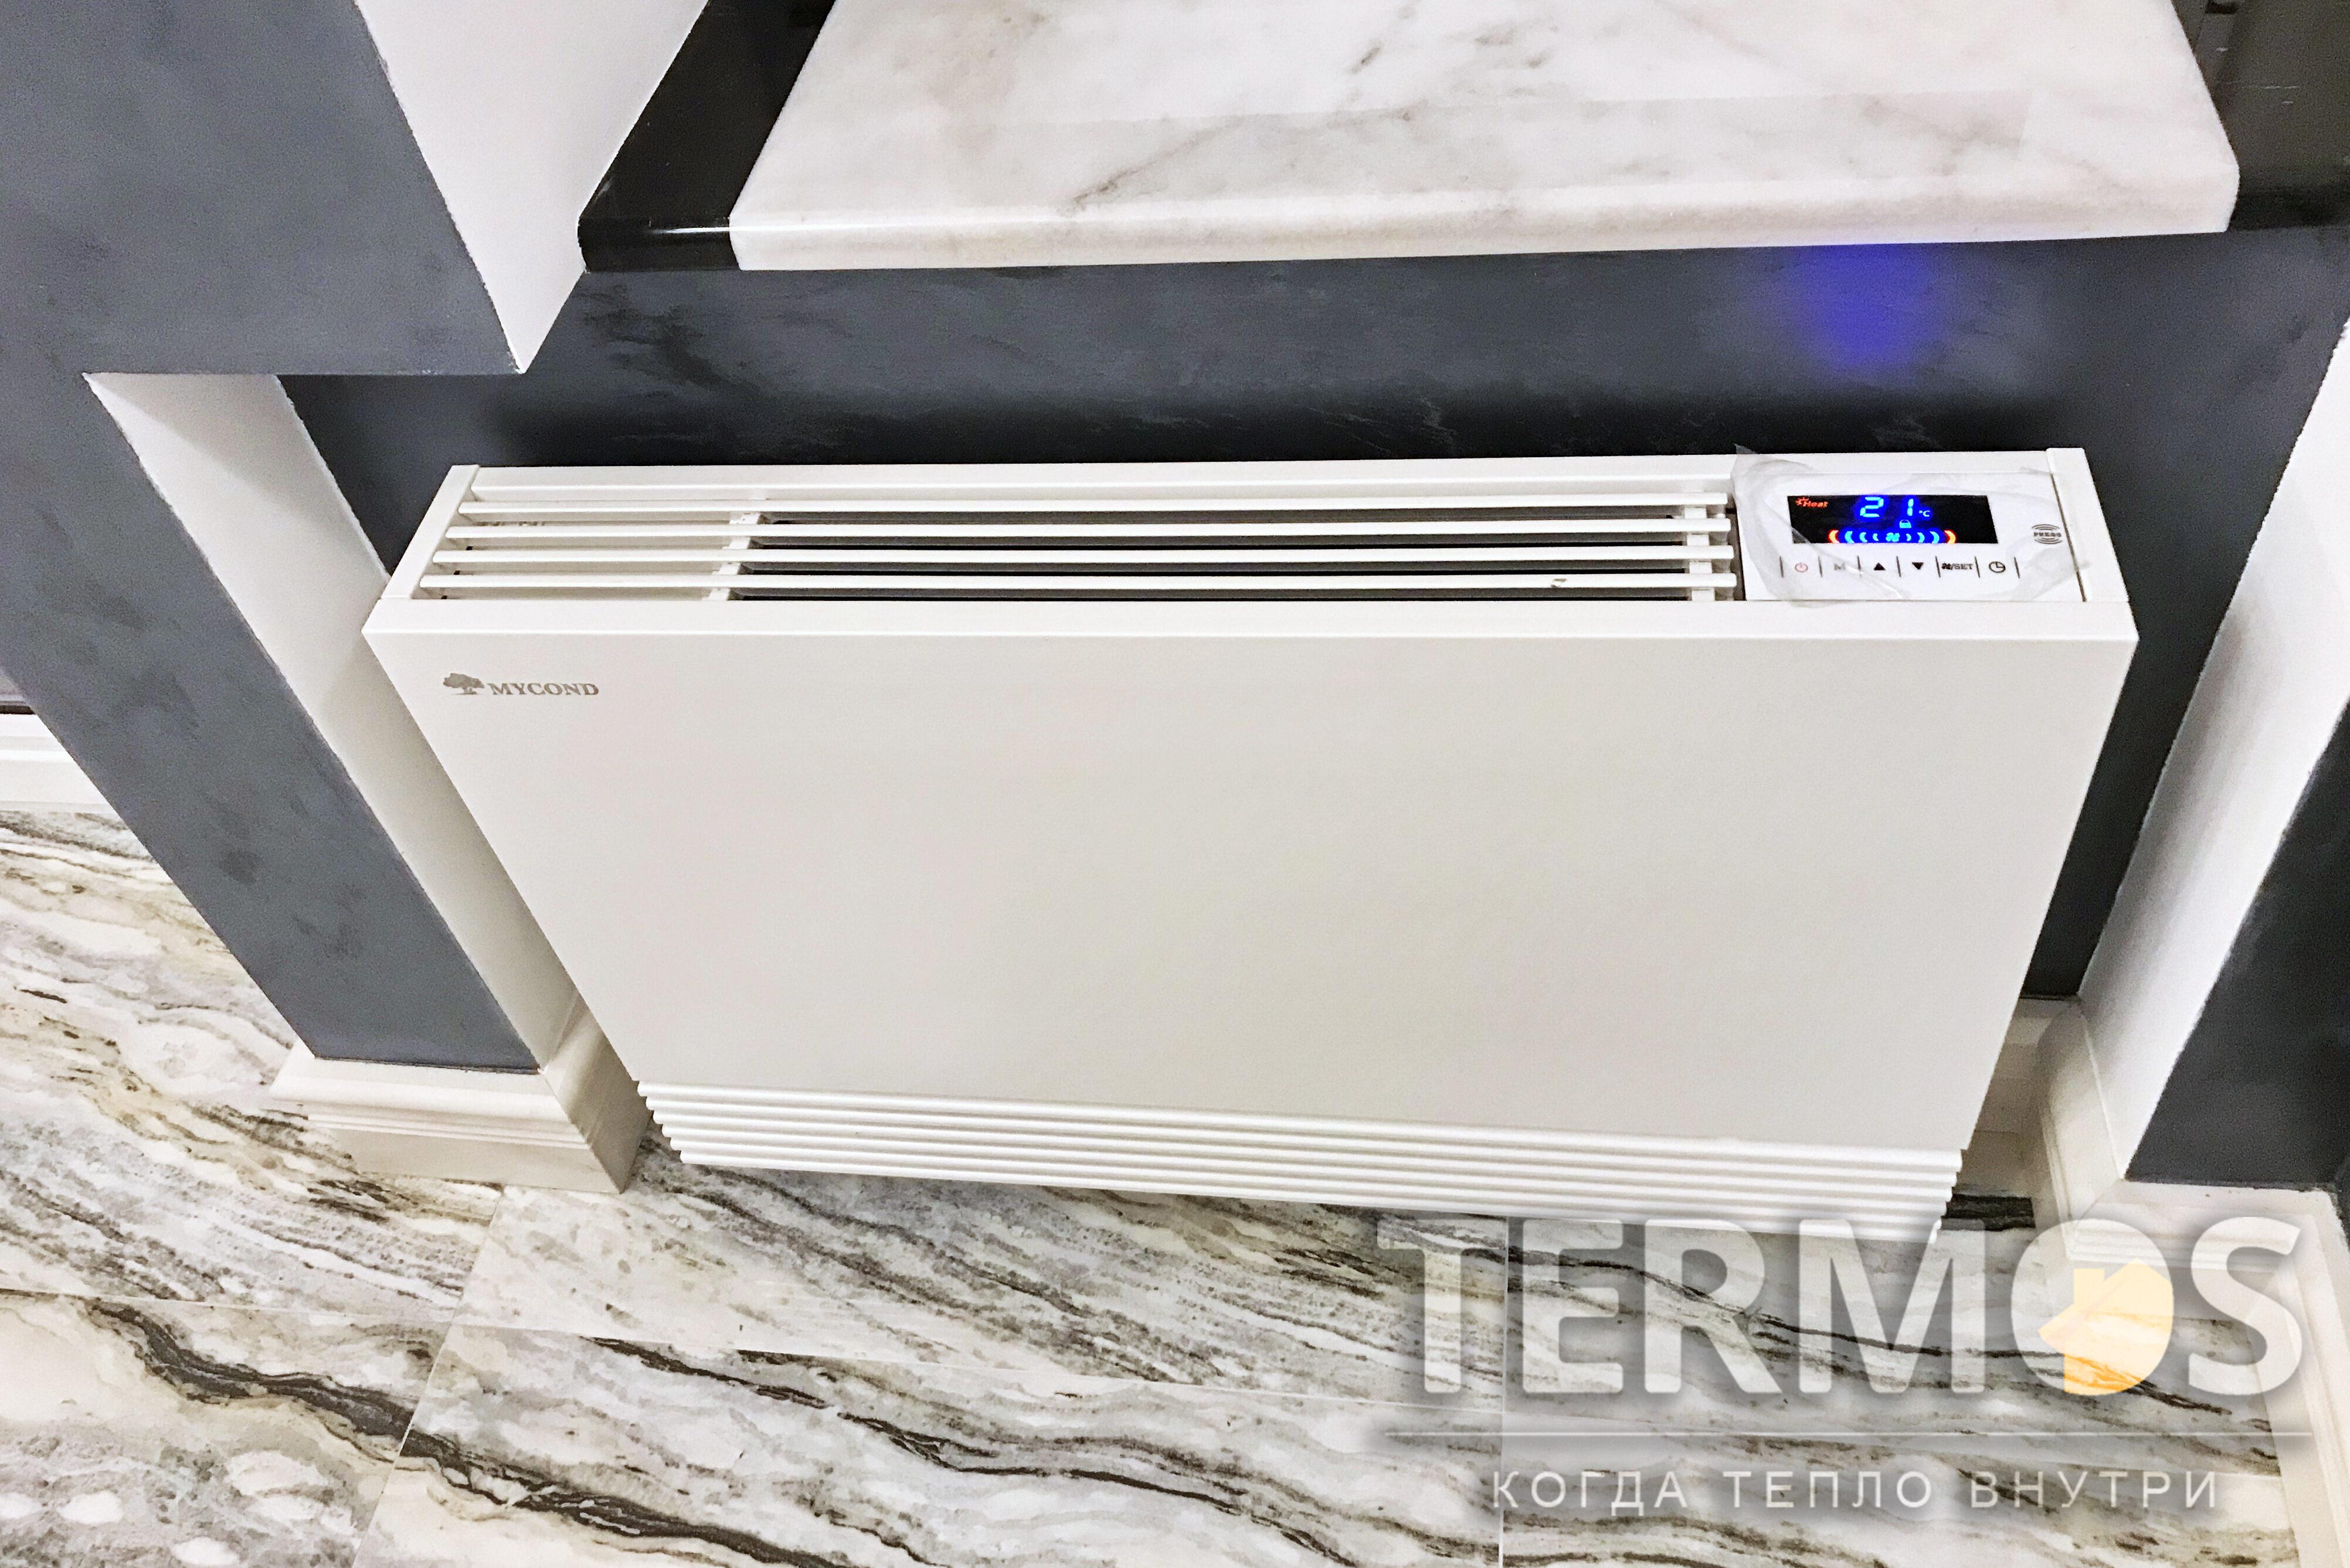 Для эффективной работы фанкойл оснащен встроенным многоскоростным вентилятором